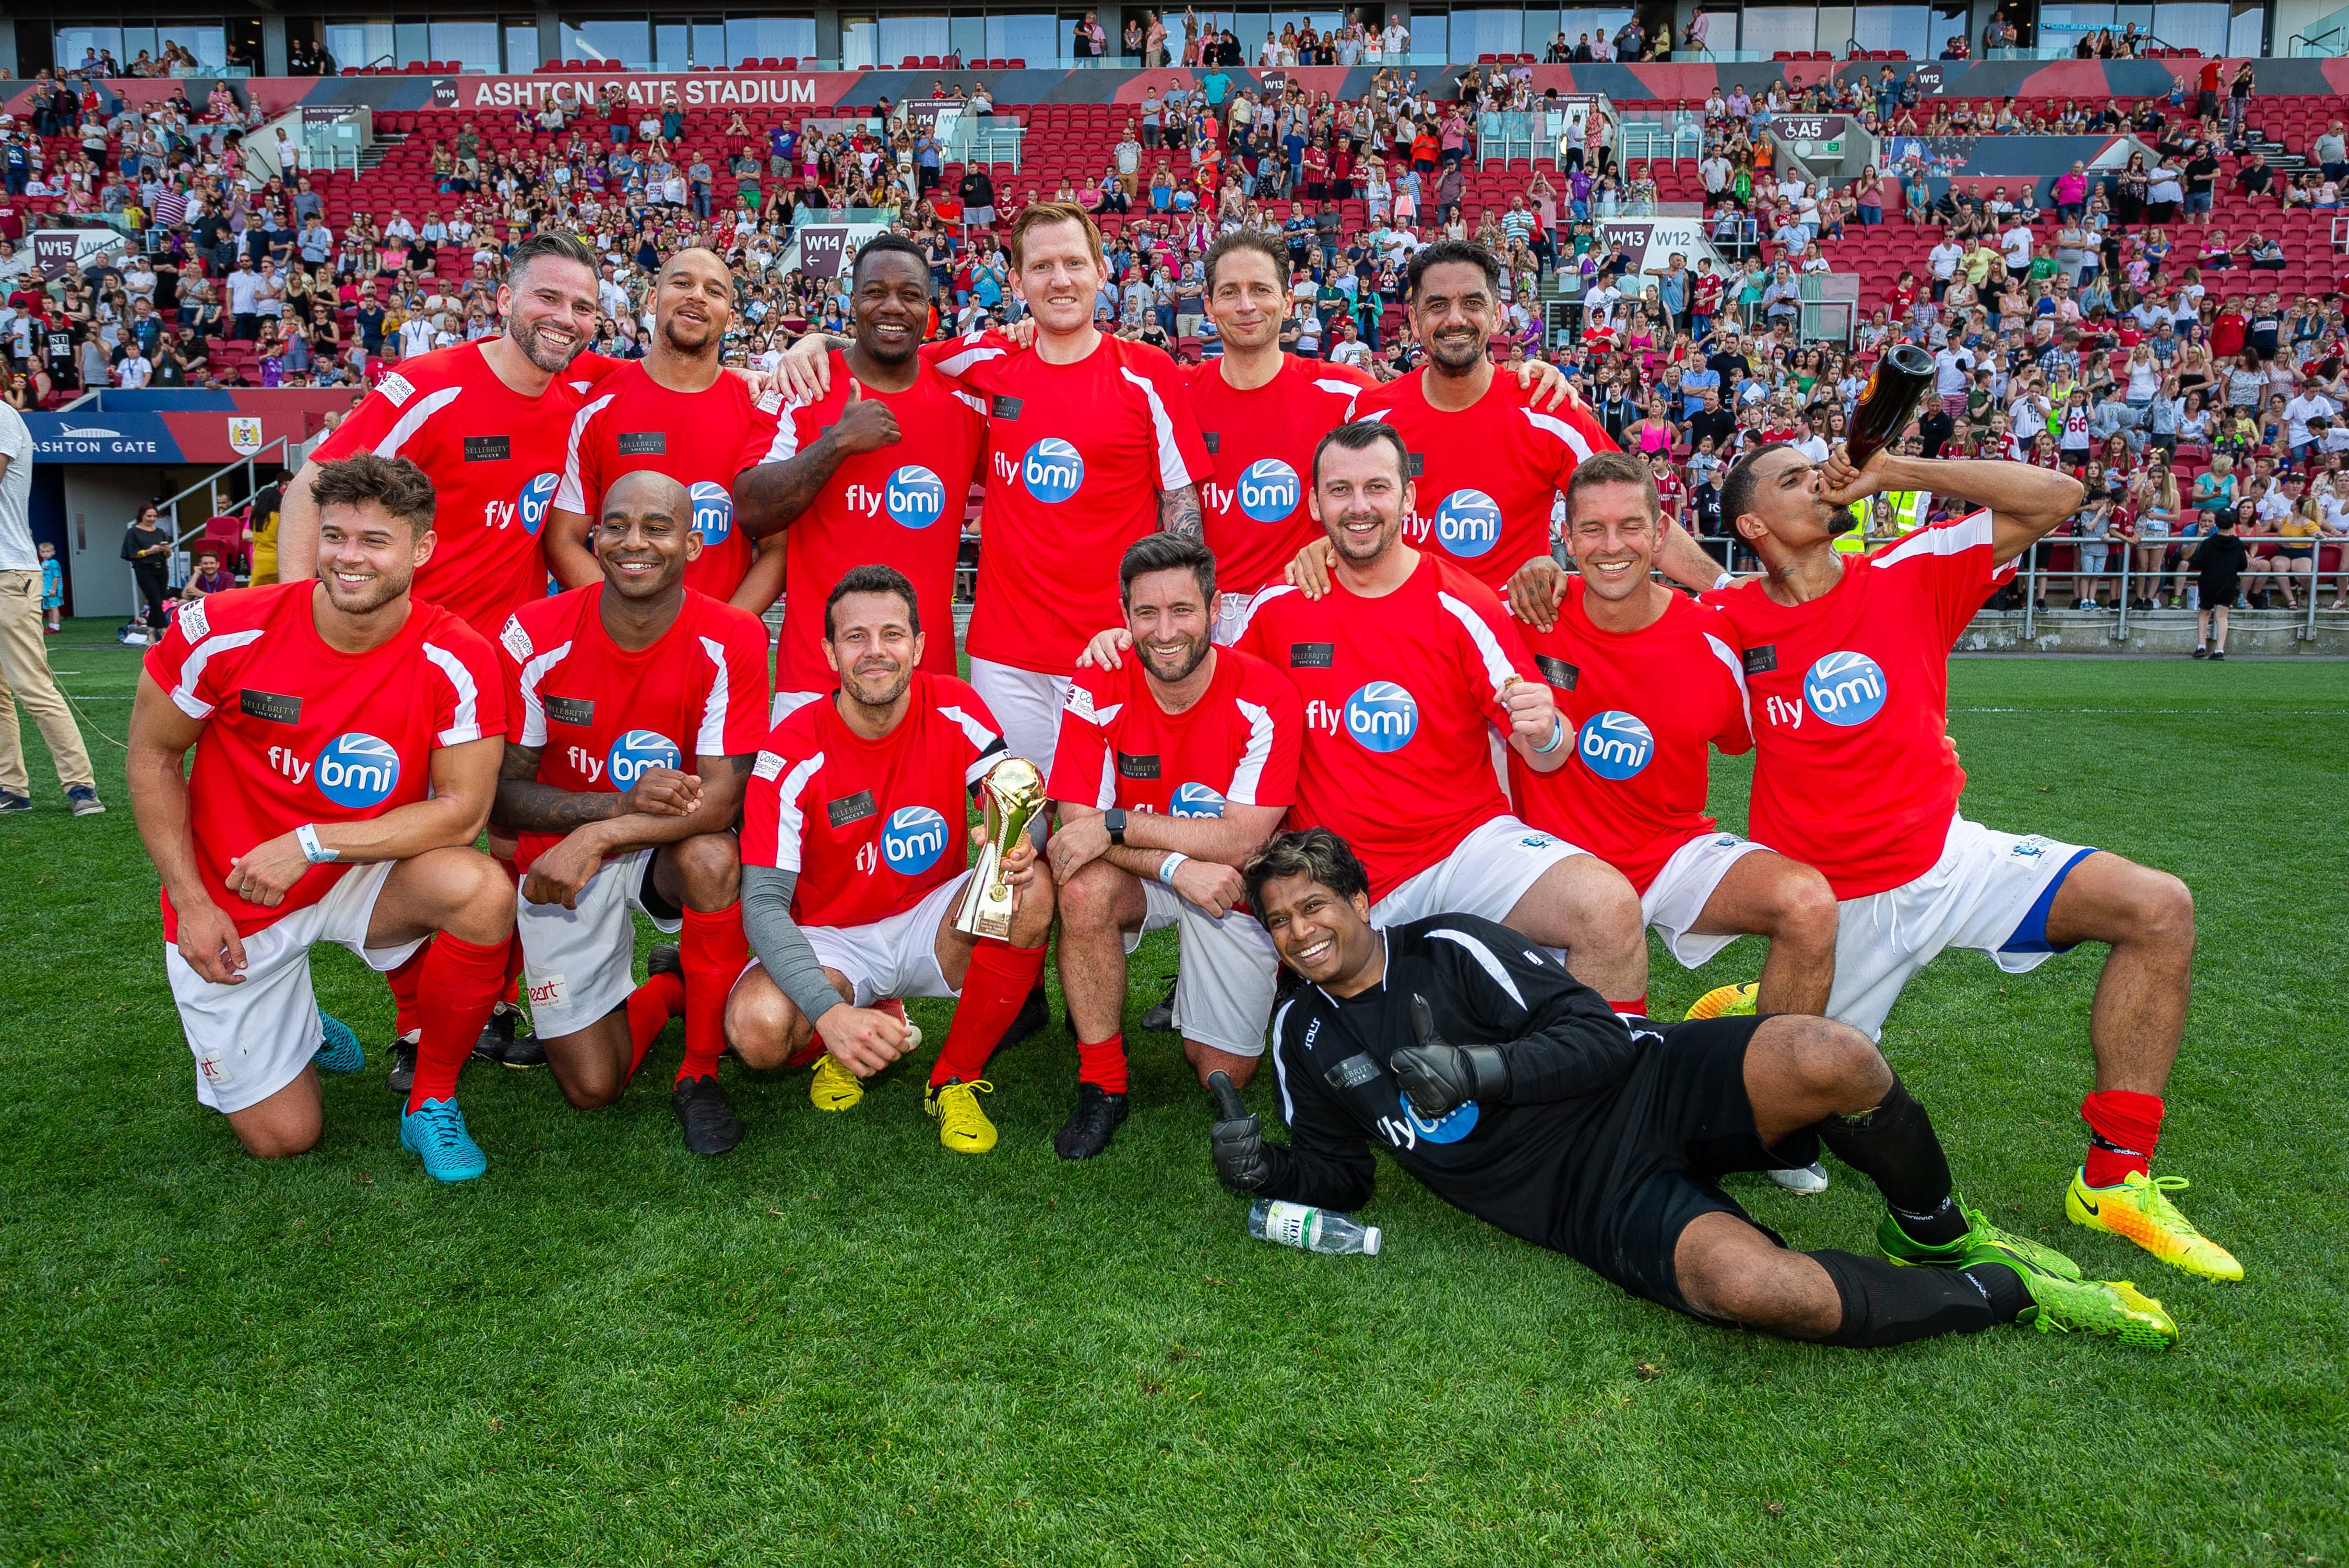 RED TEAM PHOTO WINNERS